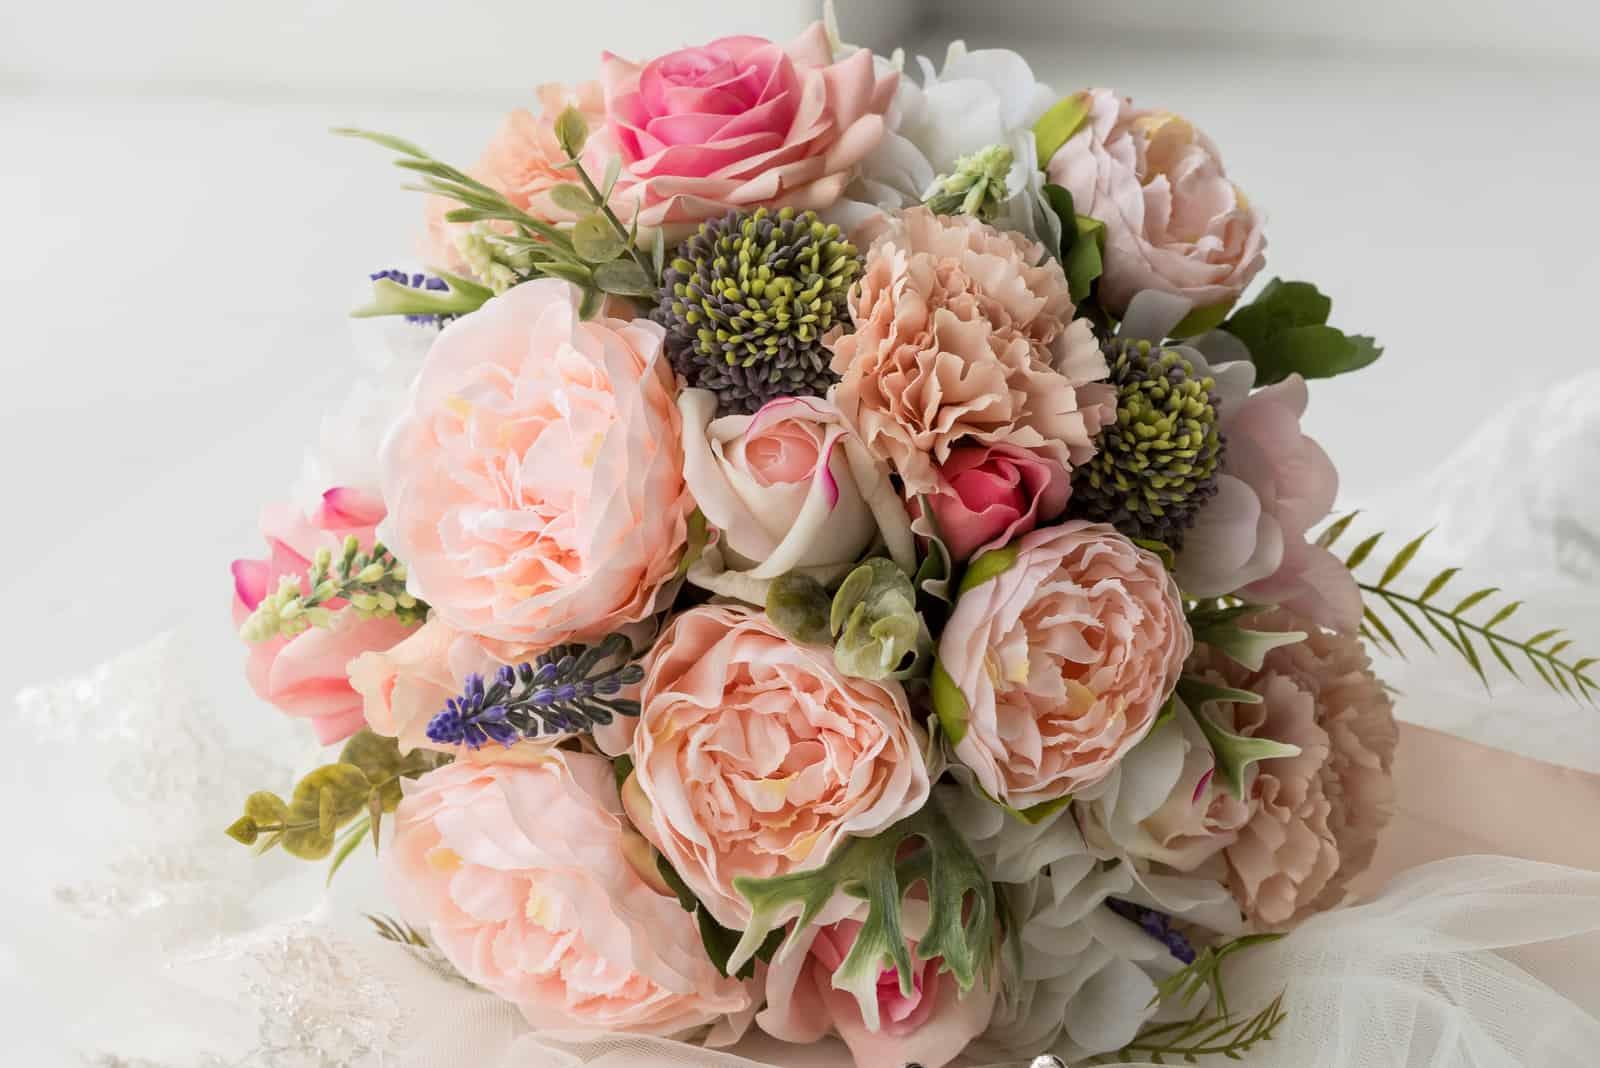 Auf dem Tisch steht ein wunderschöner Hochzeitsstrauß